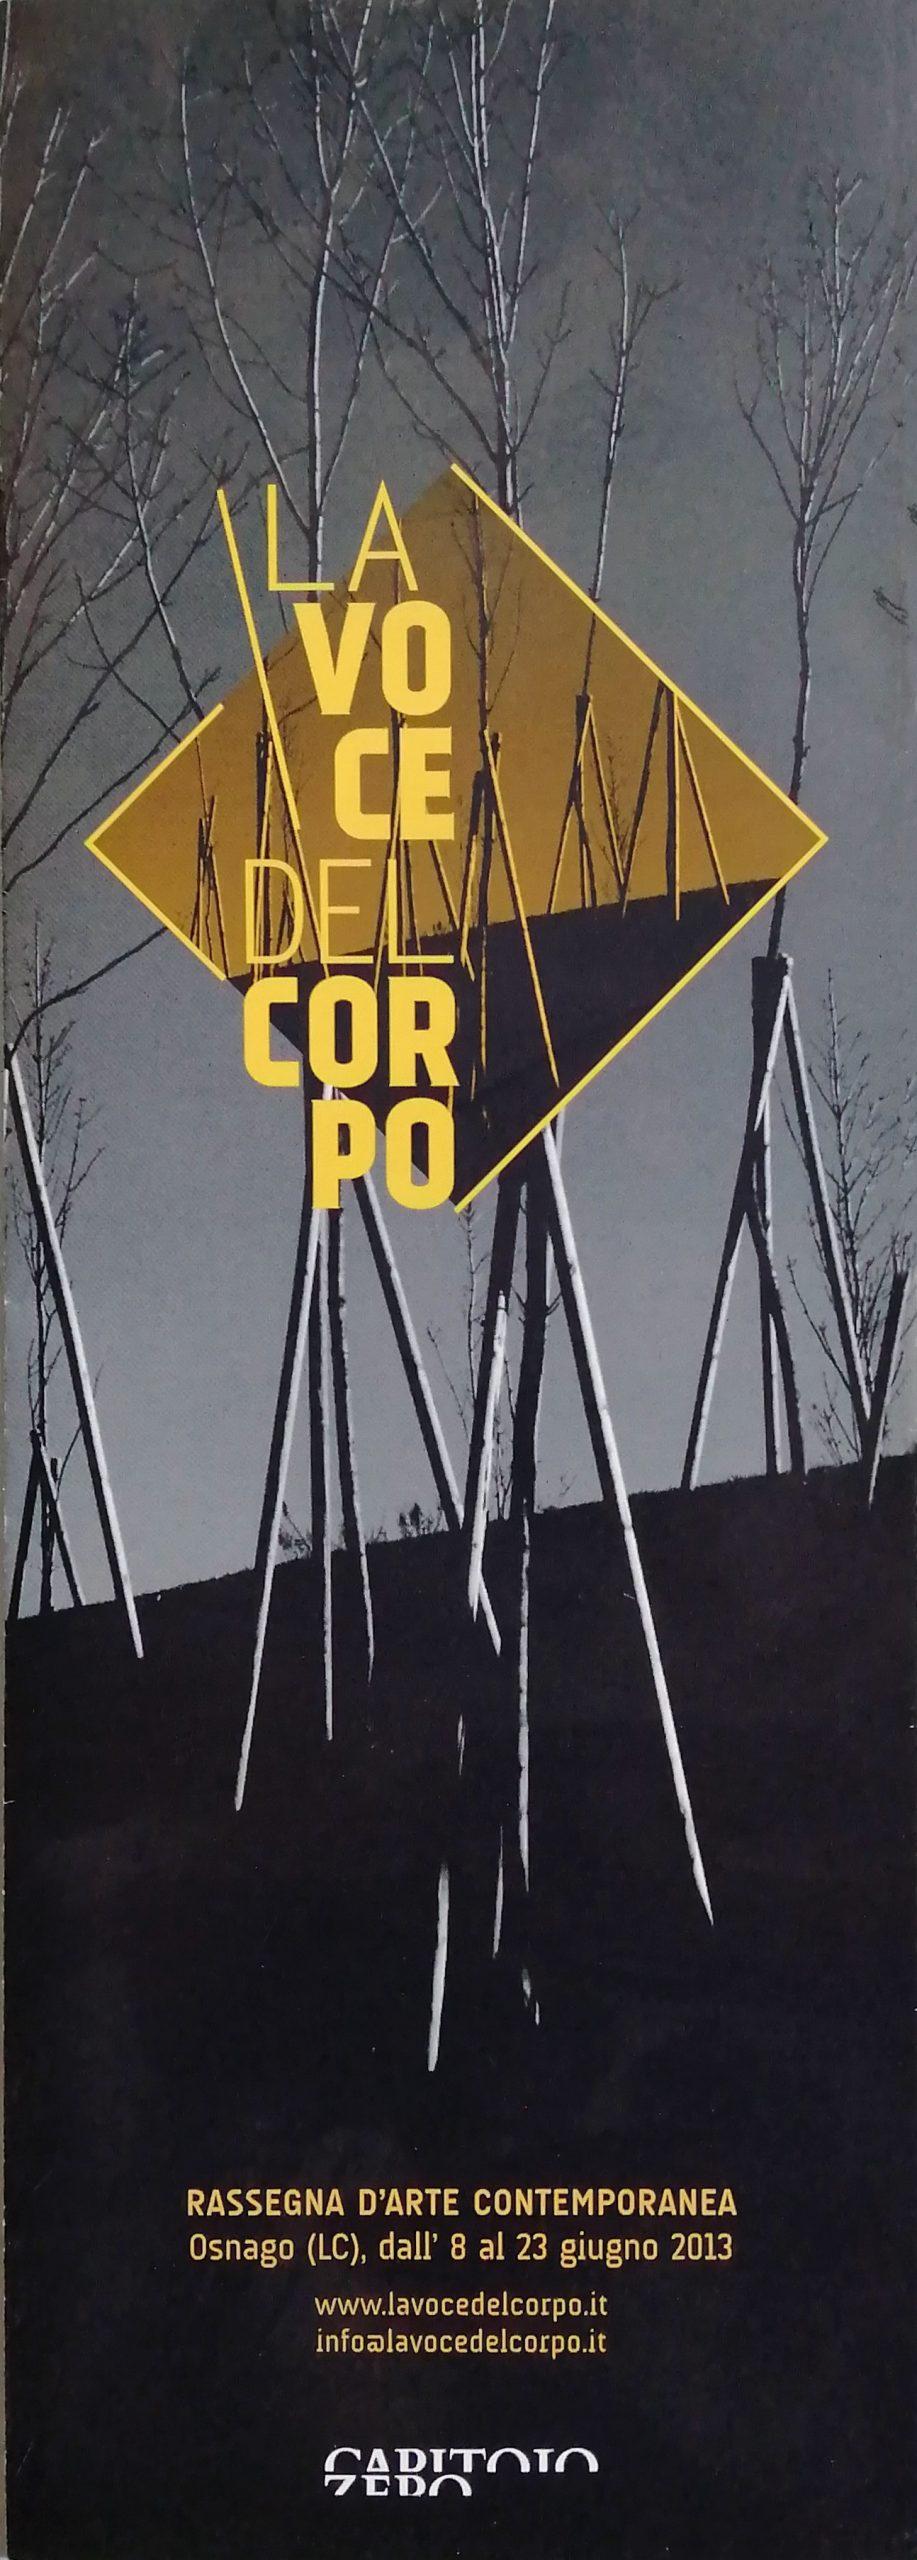 2013 La voce del corpo Osnago LC scaled - Bibliography/ Catalogues